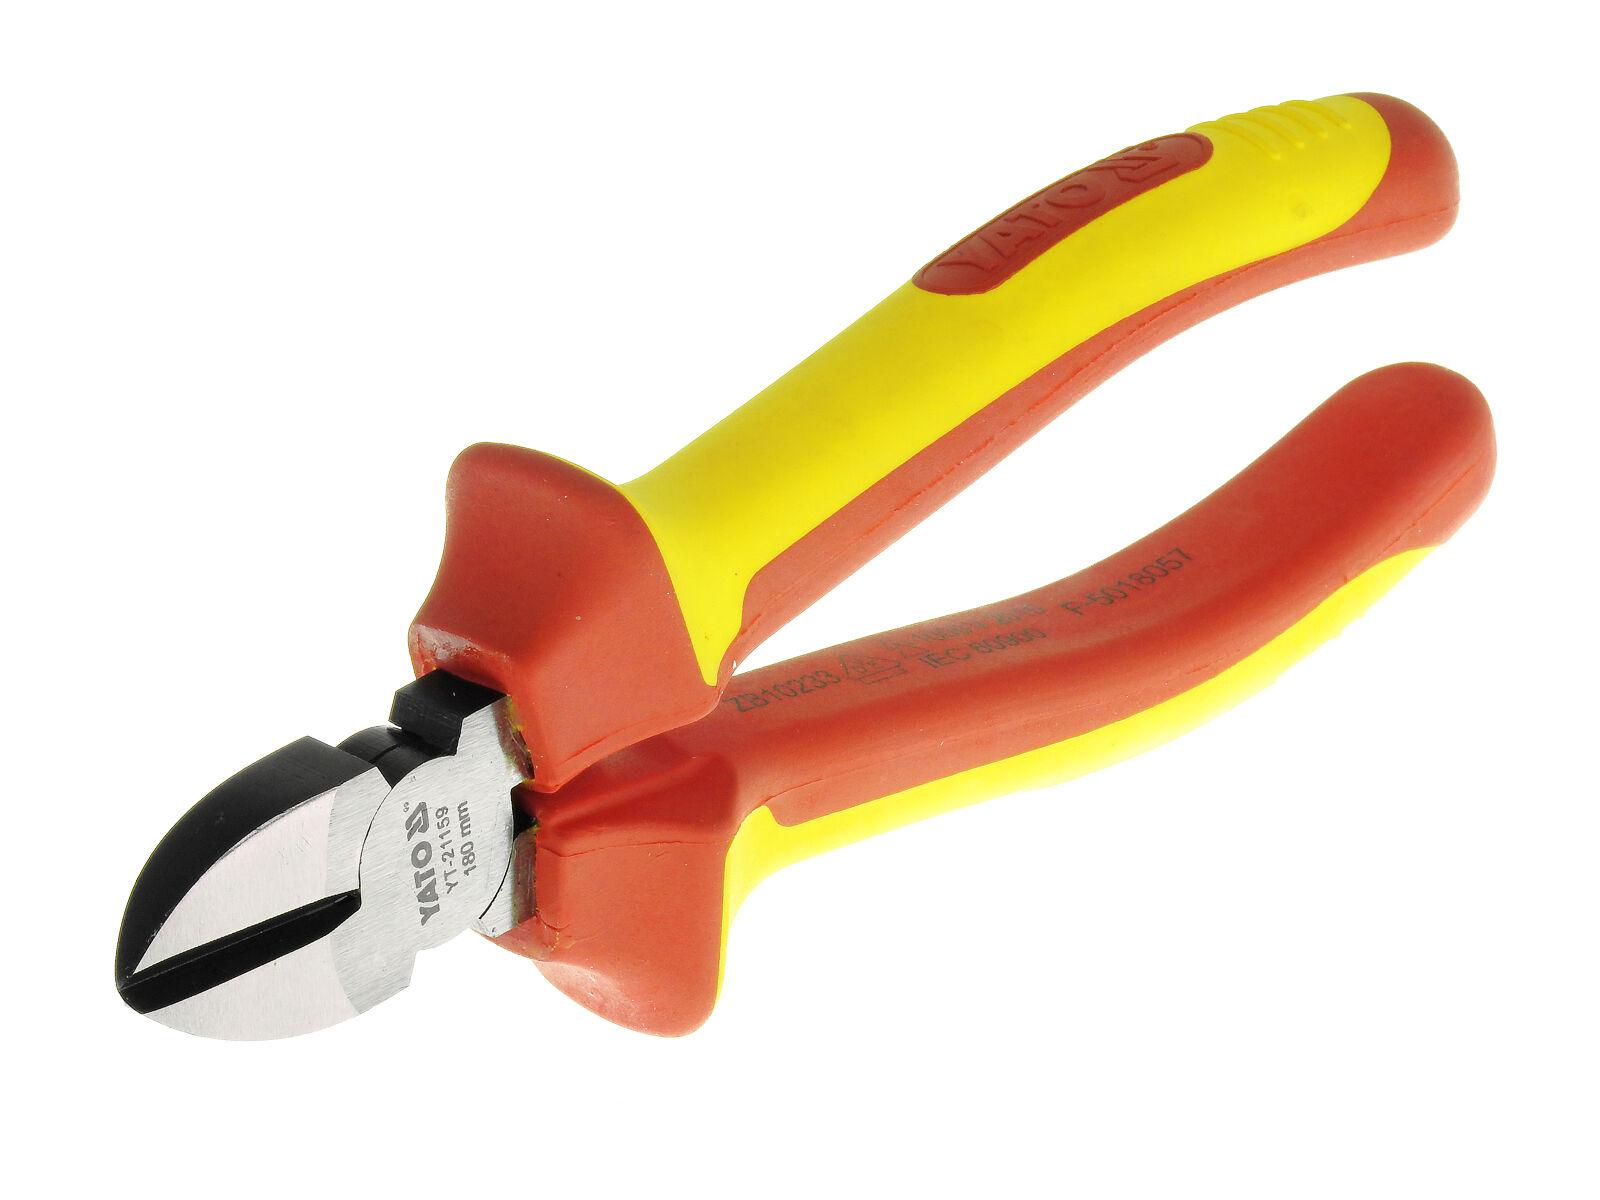 Elektriker Seitenschneider Drahtschneider 180mm Dicke Isolierung IEC Norm 1000 V